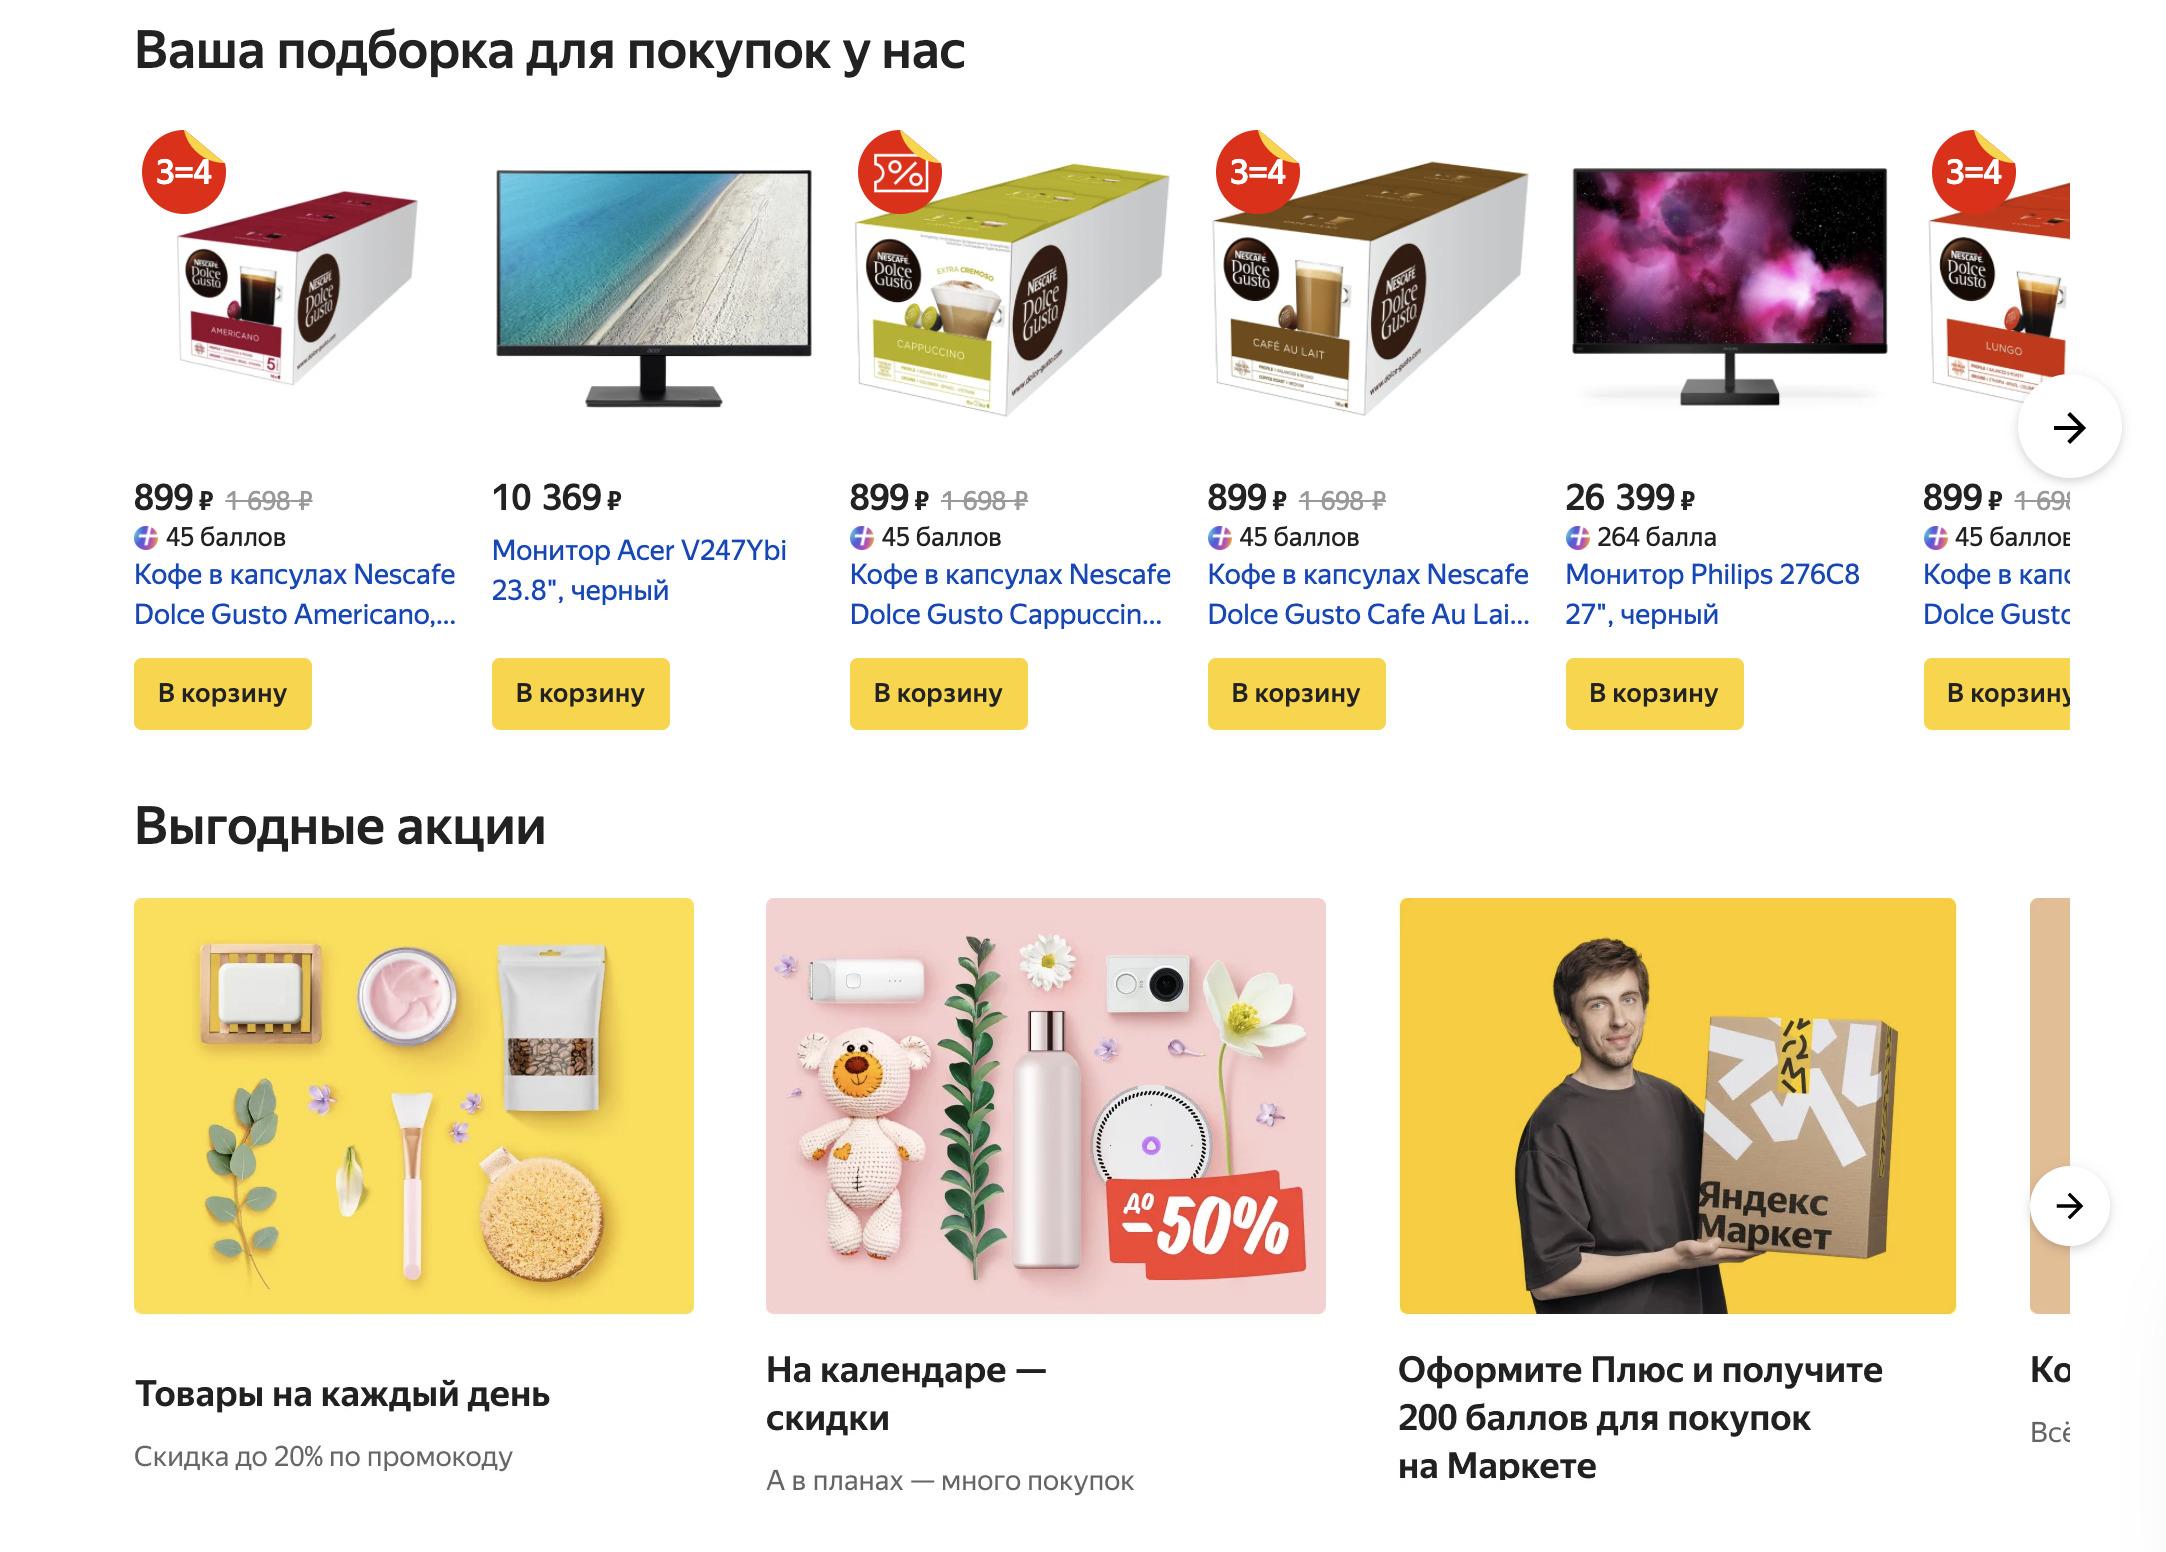 Доставка из Яндекс.Маркет в Выборг, сроки, пункты выдачи, каталог